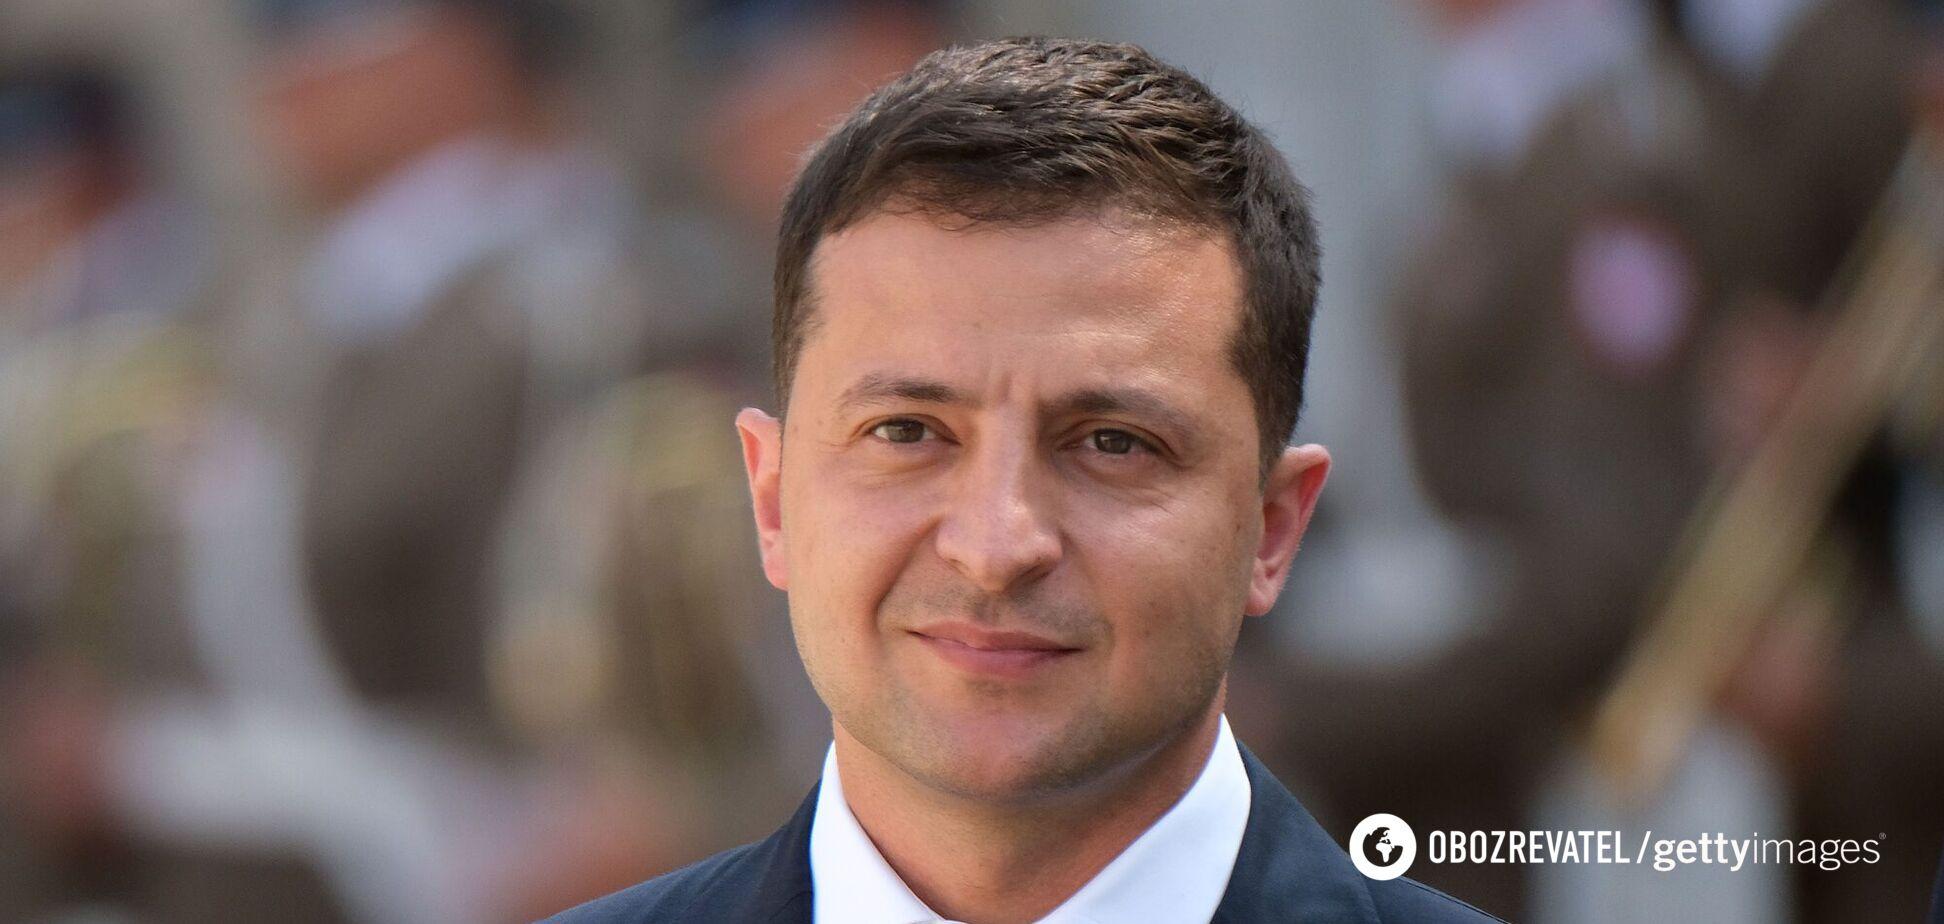 Зеленский озвучил первый вопрос для опроса в день выборов: в ОП назвали темы остальных